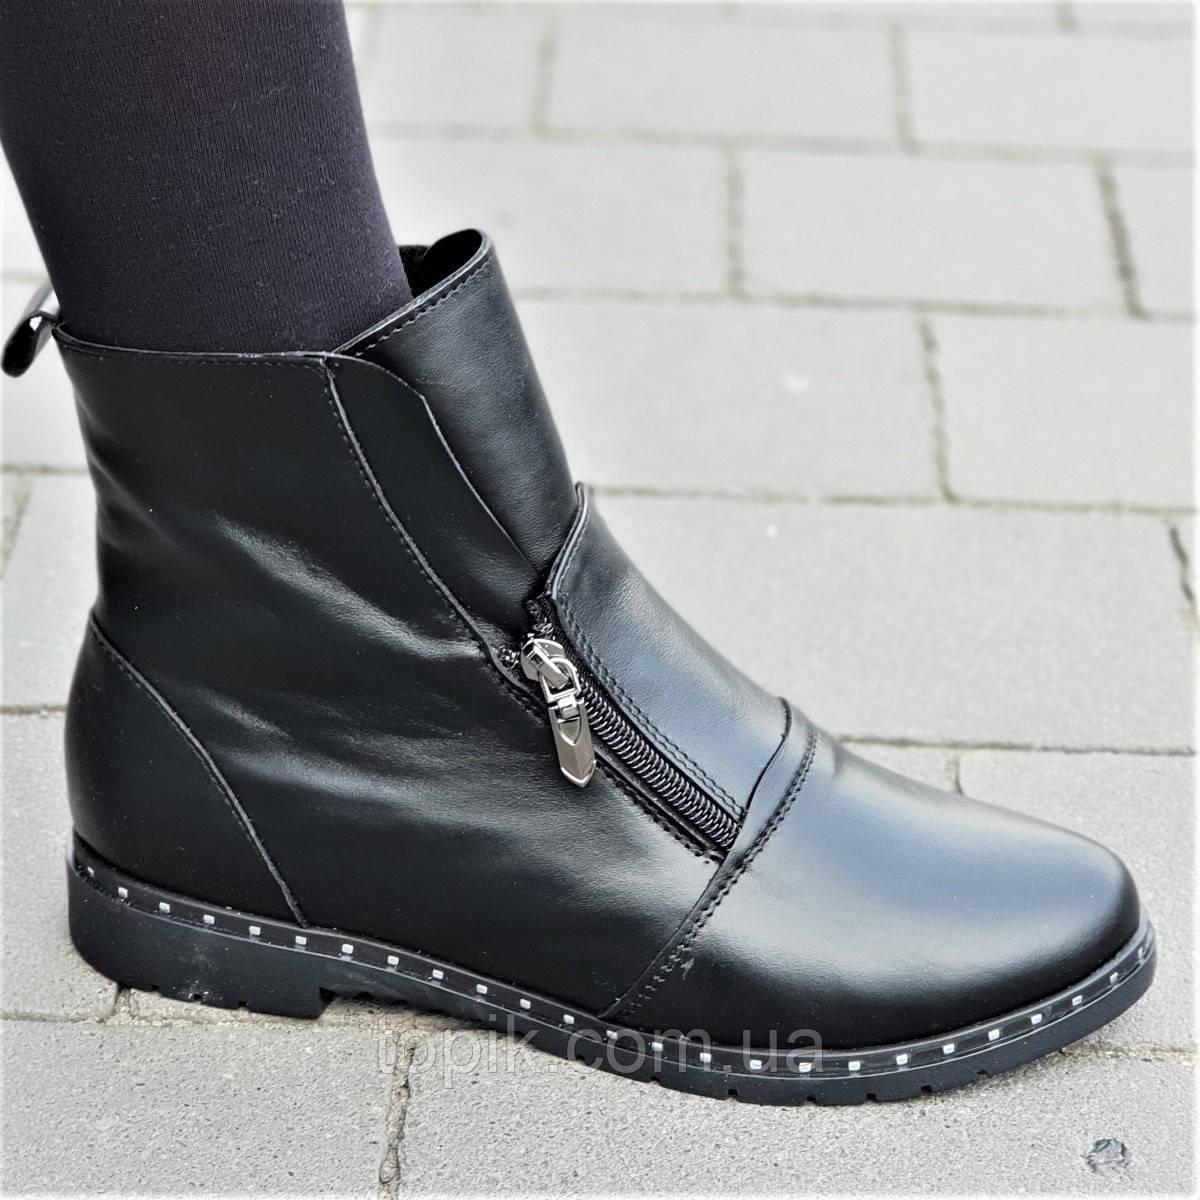 Очень оригинальные и стильные женские зимние ботильоны полусапожки ботинки кожаные черные (Код: 1312)